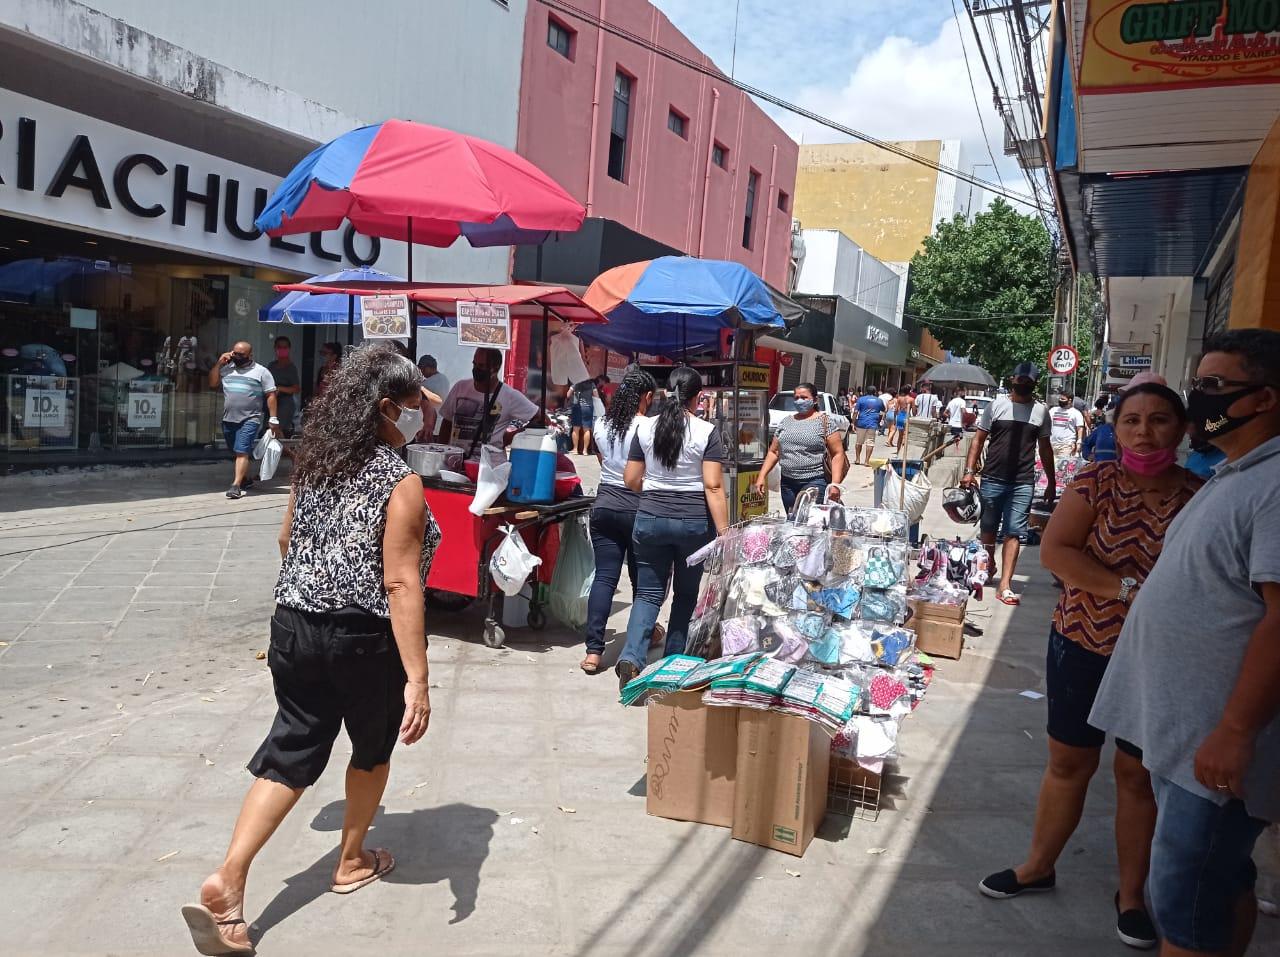 Funcionamento do comércio em Teresina será limitado em 9 horas durante o dia (Foto: Efrém Ribeiro)